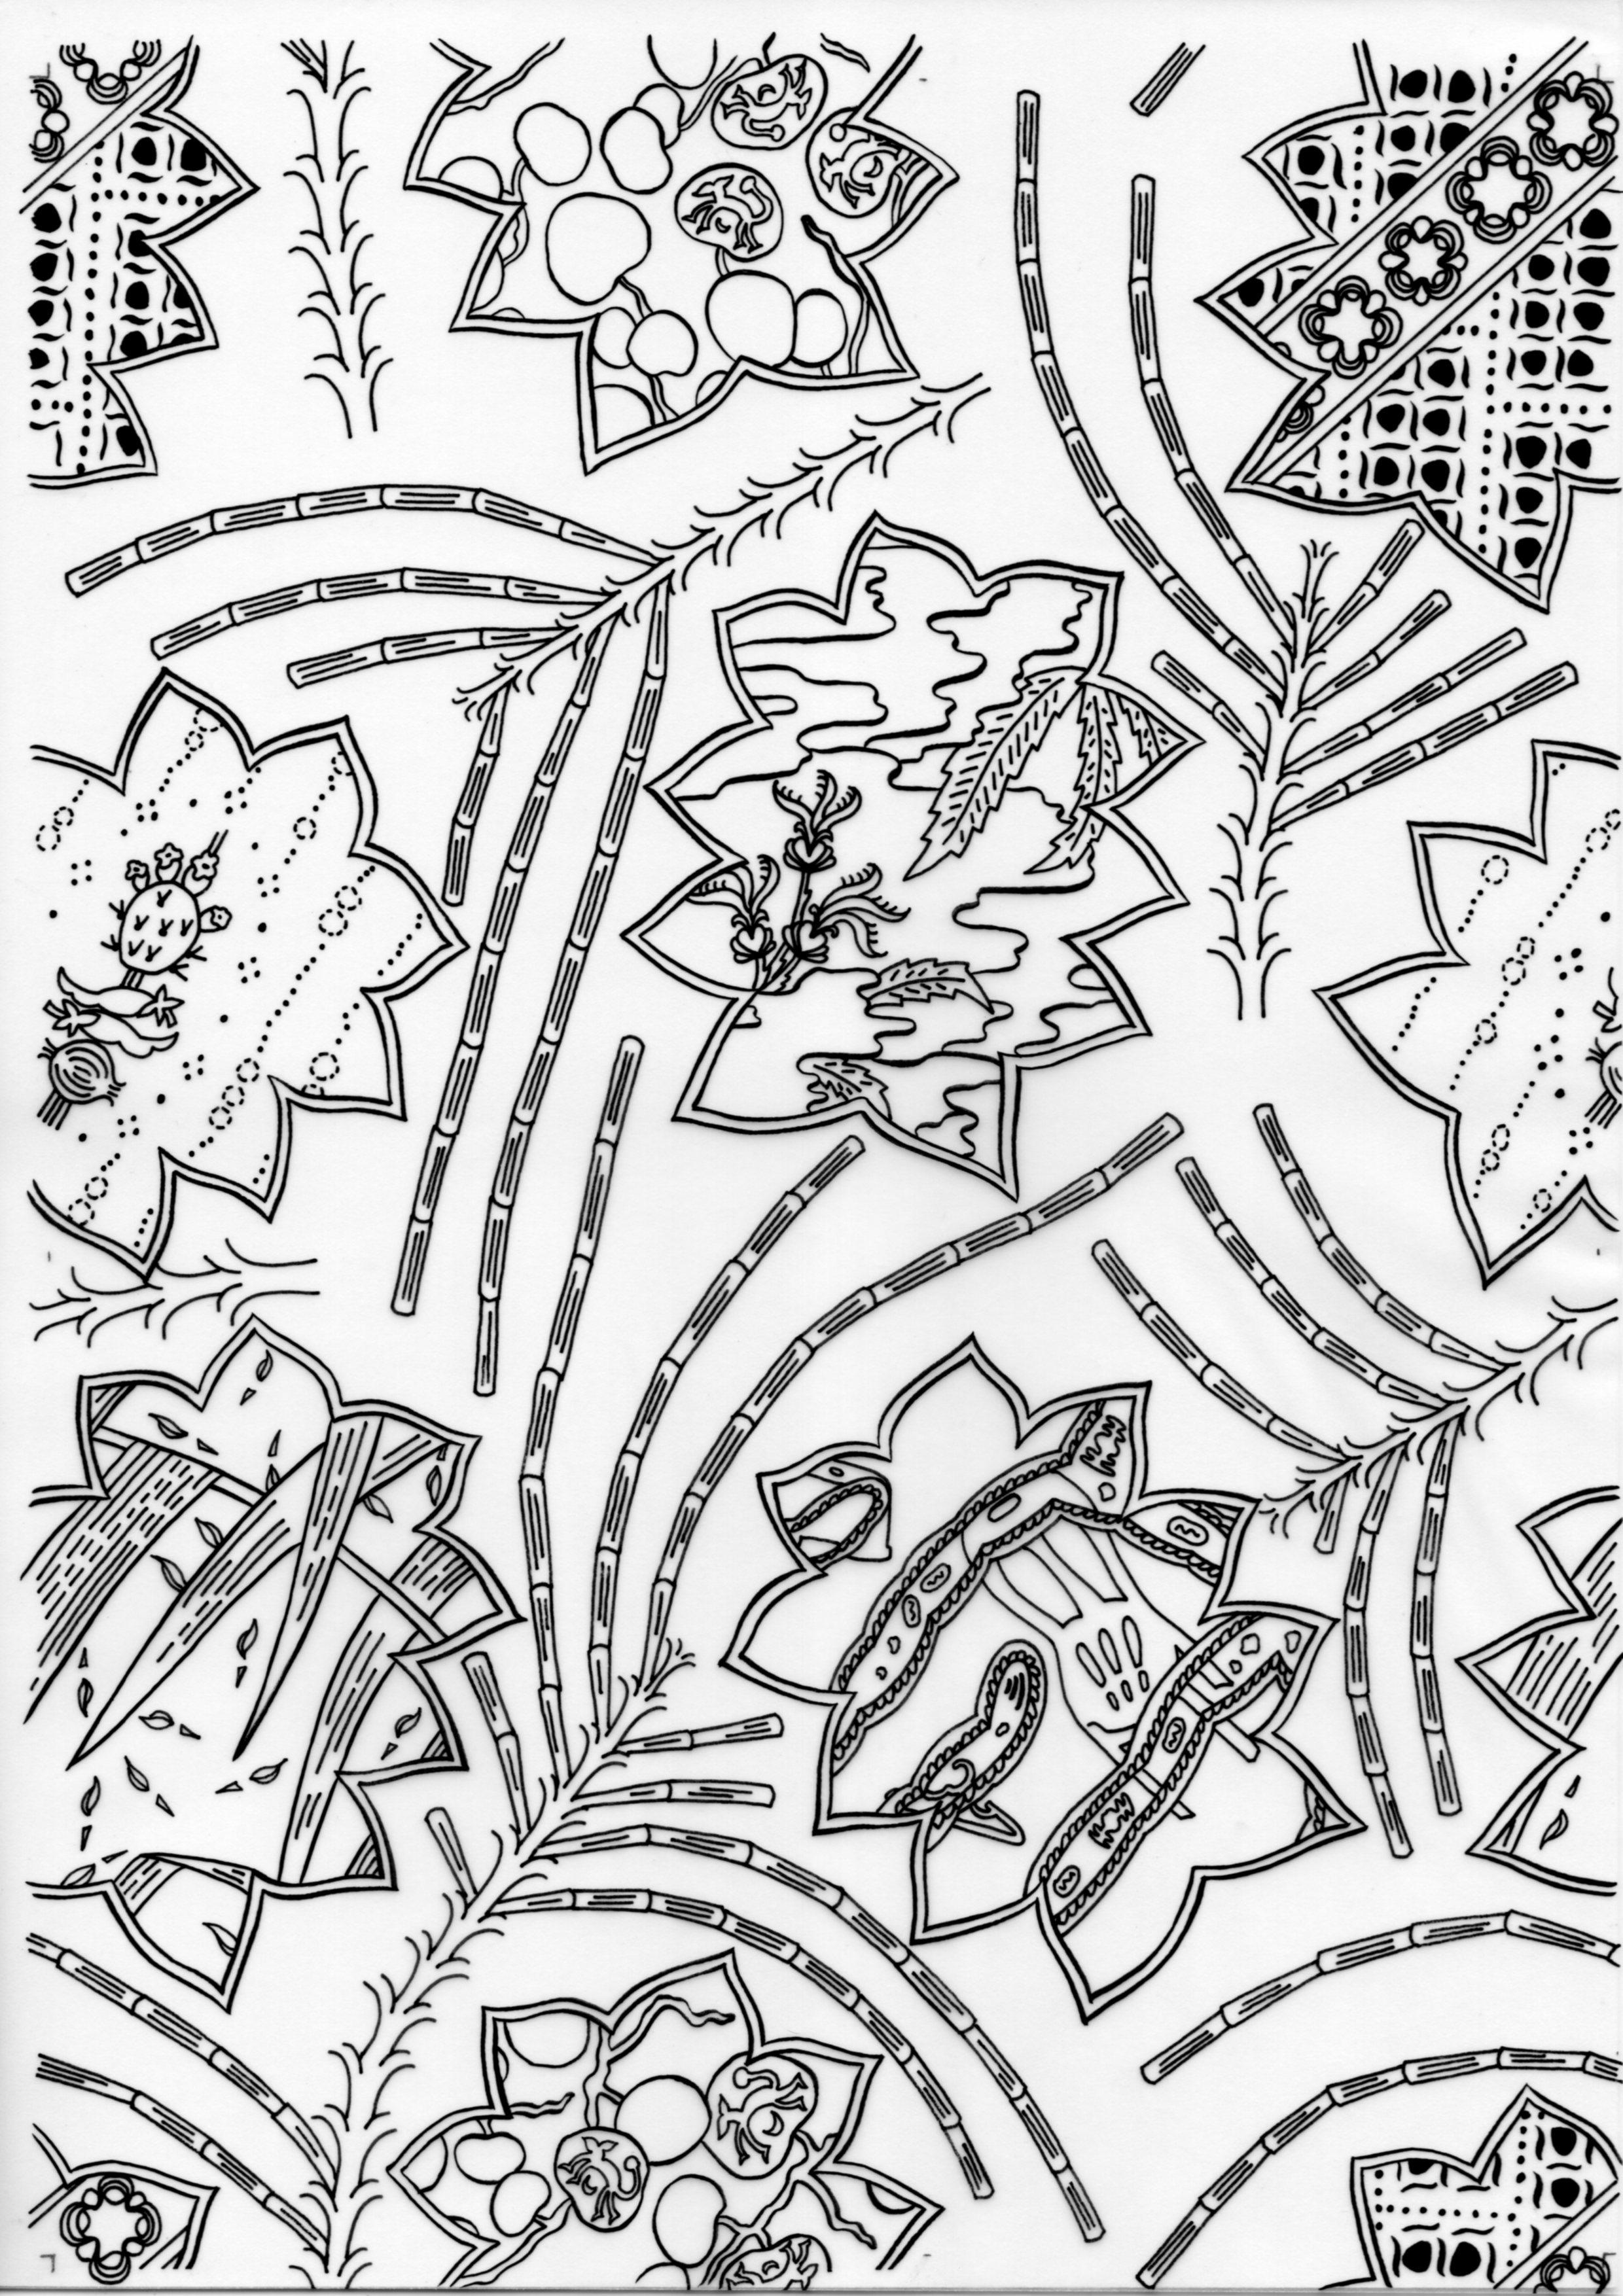 Dread Casuarina – Inked Drawings